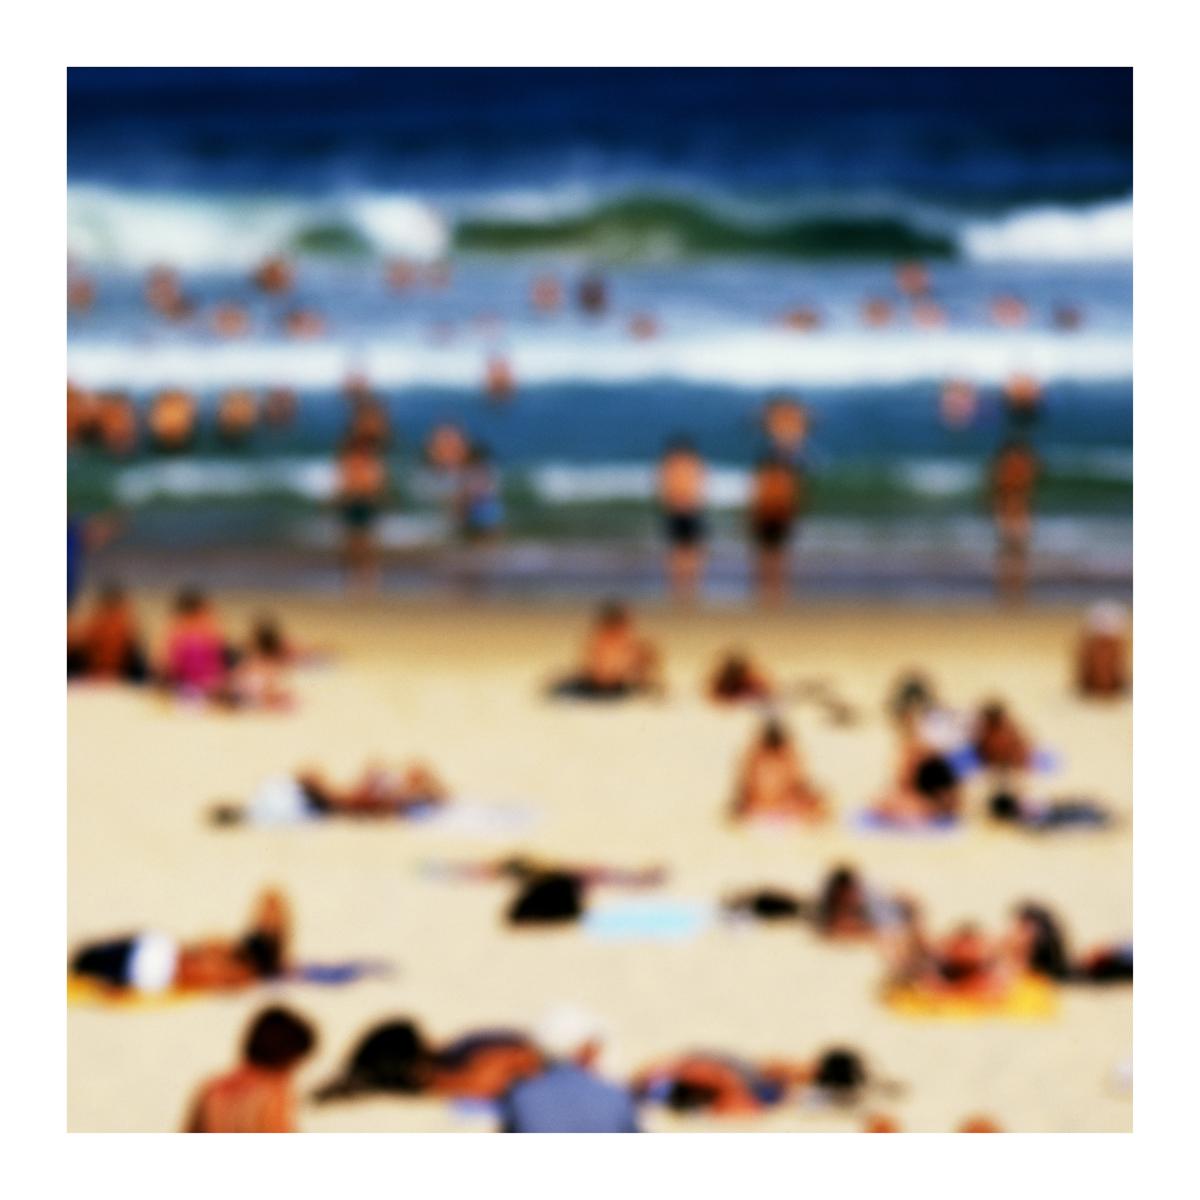 Bondi Beach, Sydney, Australia, 2004